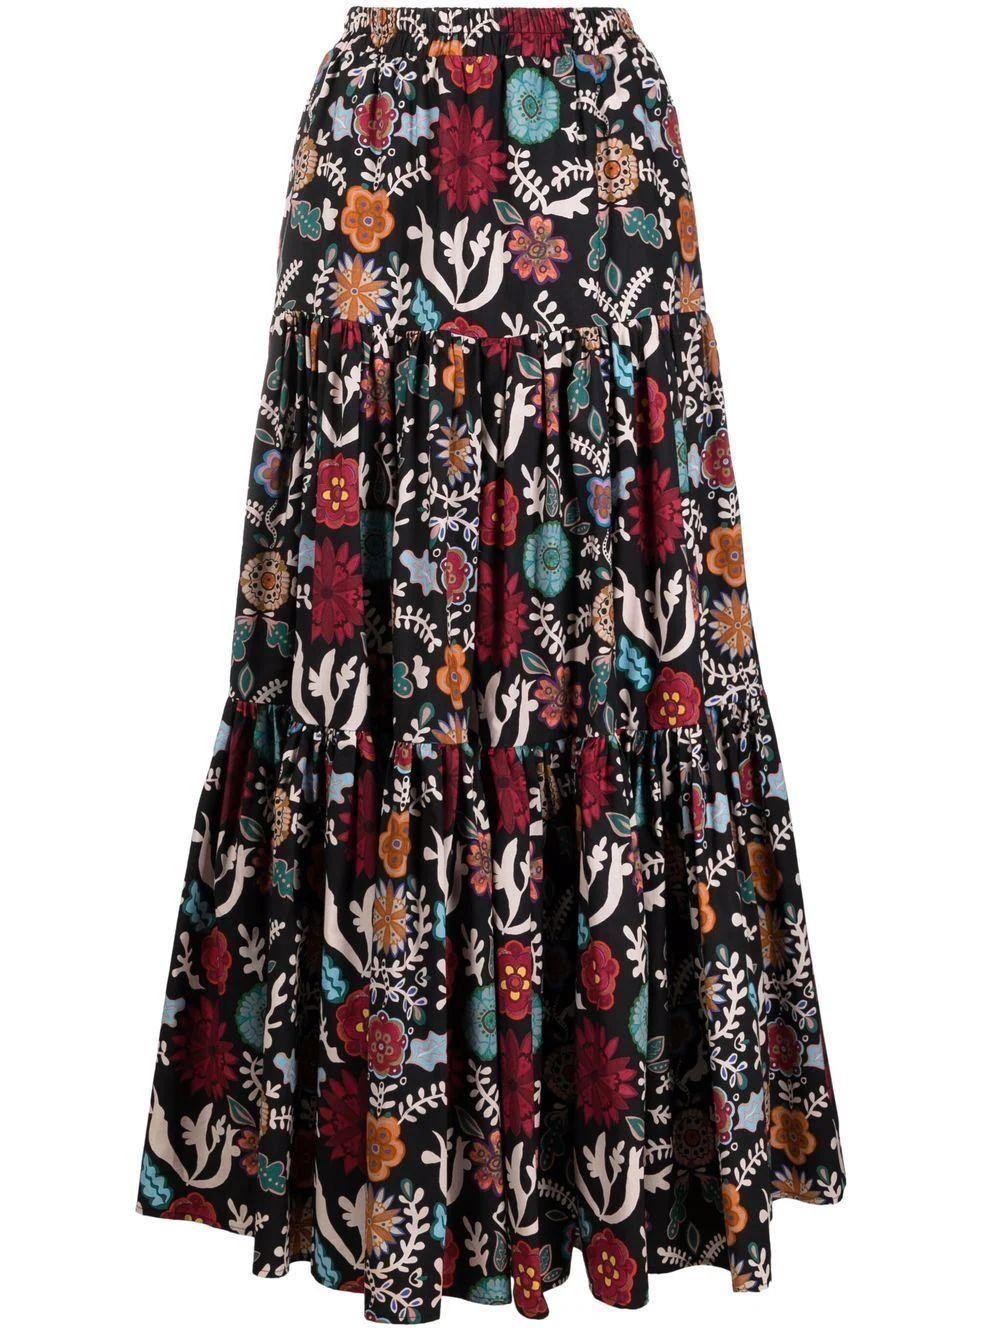 Fire Flower Big Maxi Skirt Item # SKI0001-COT001-PF21